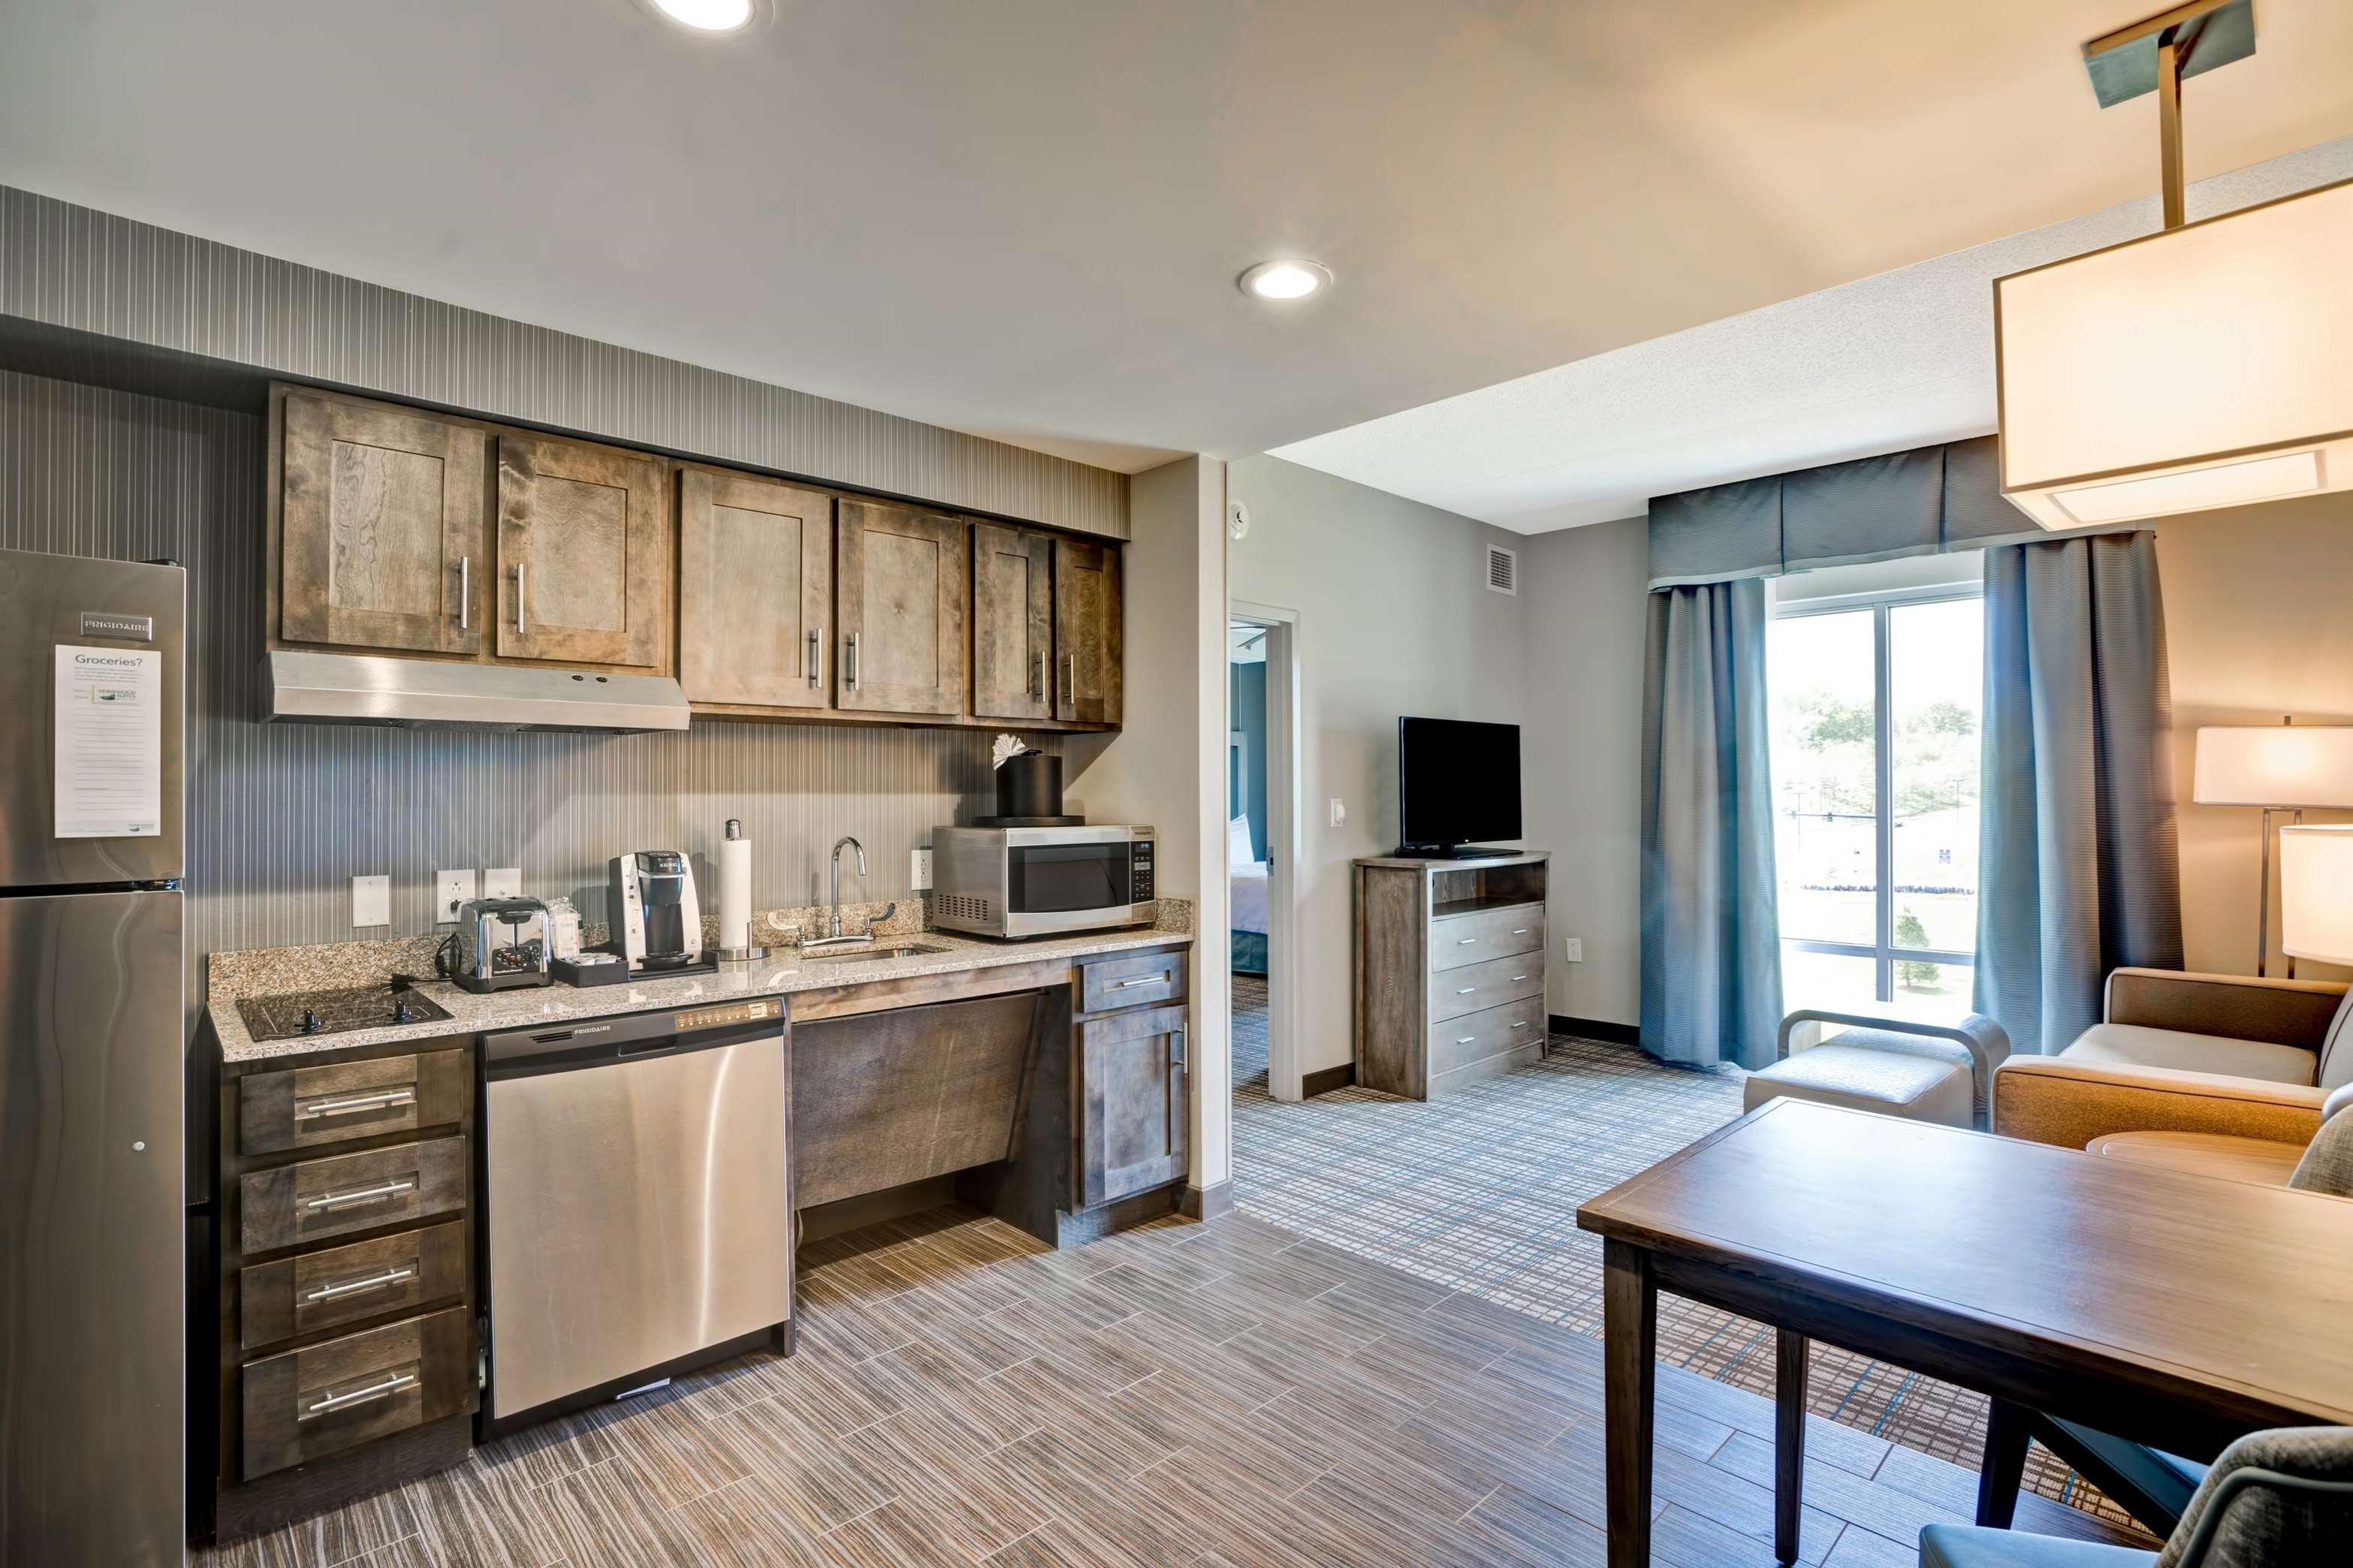 Homewood Suites by Hilton Nashville Franklin Cool Springs image 8